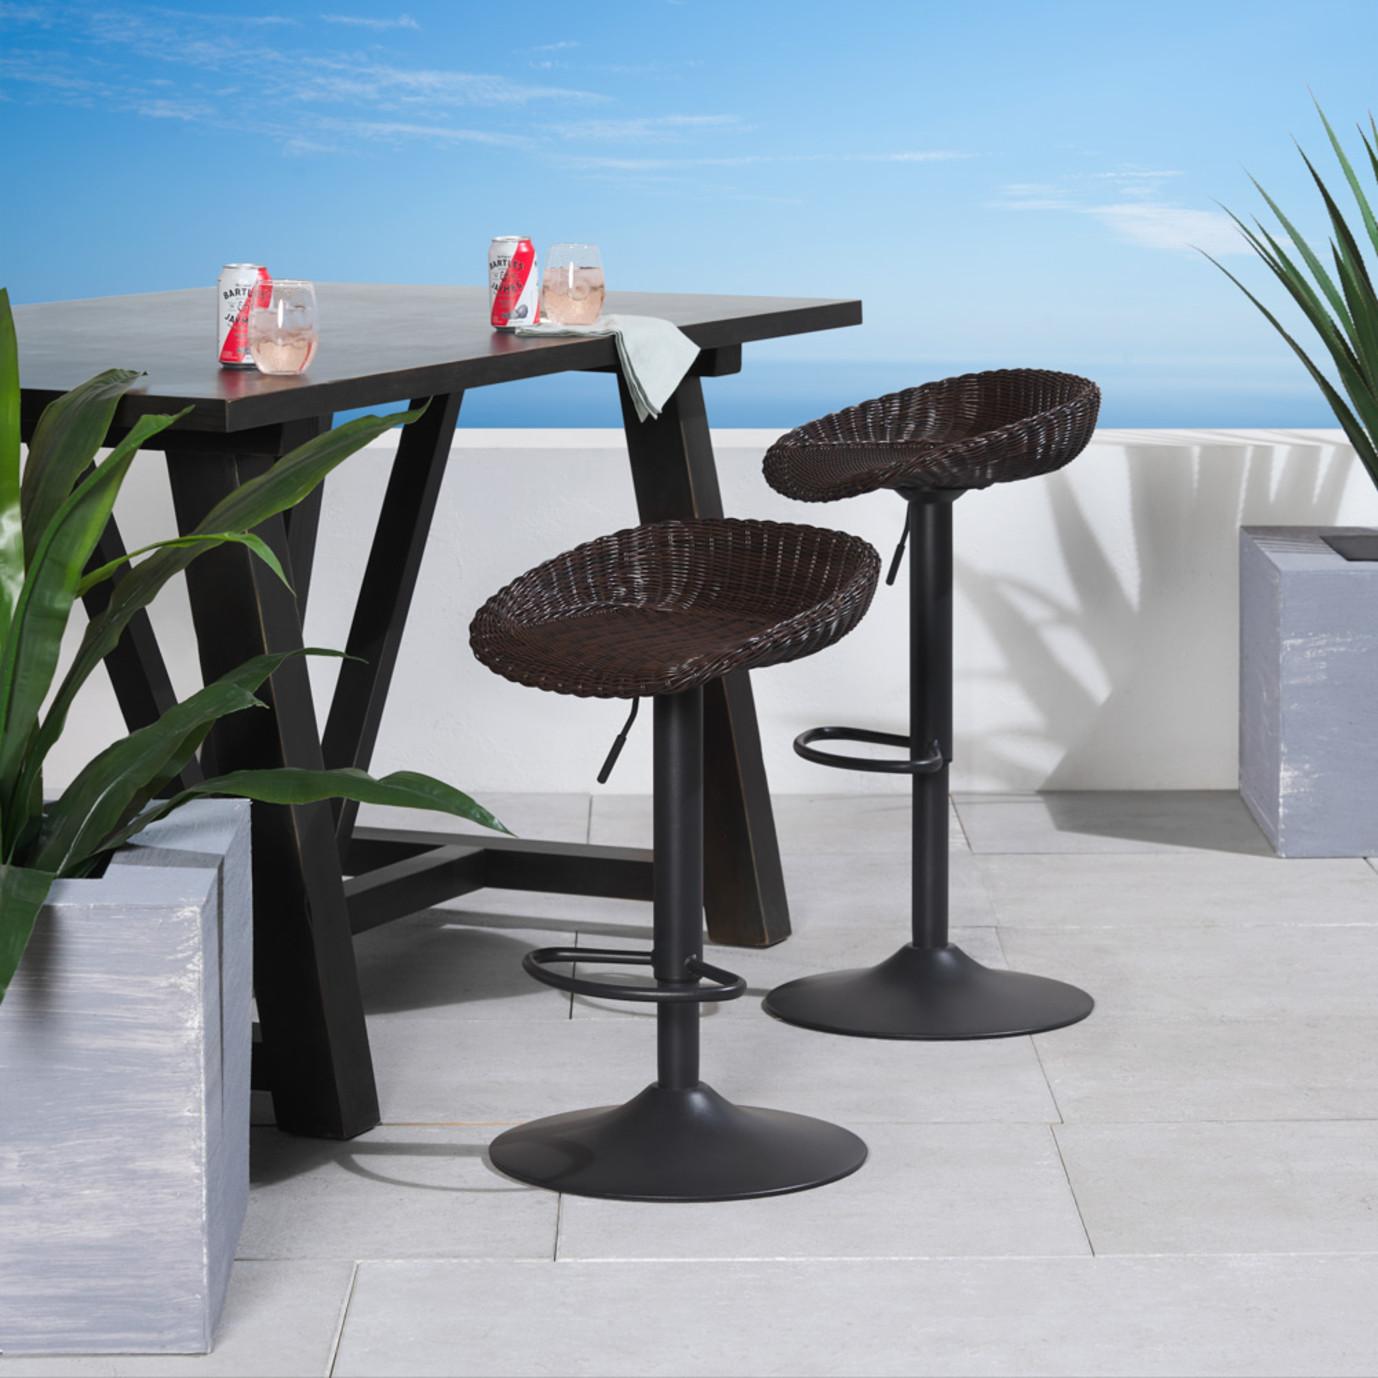 Portofino® Repose Set of 2 Airlift Barstools - Espresso